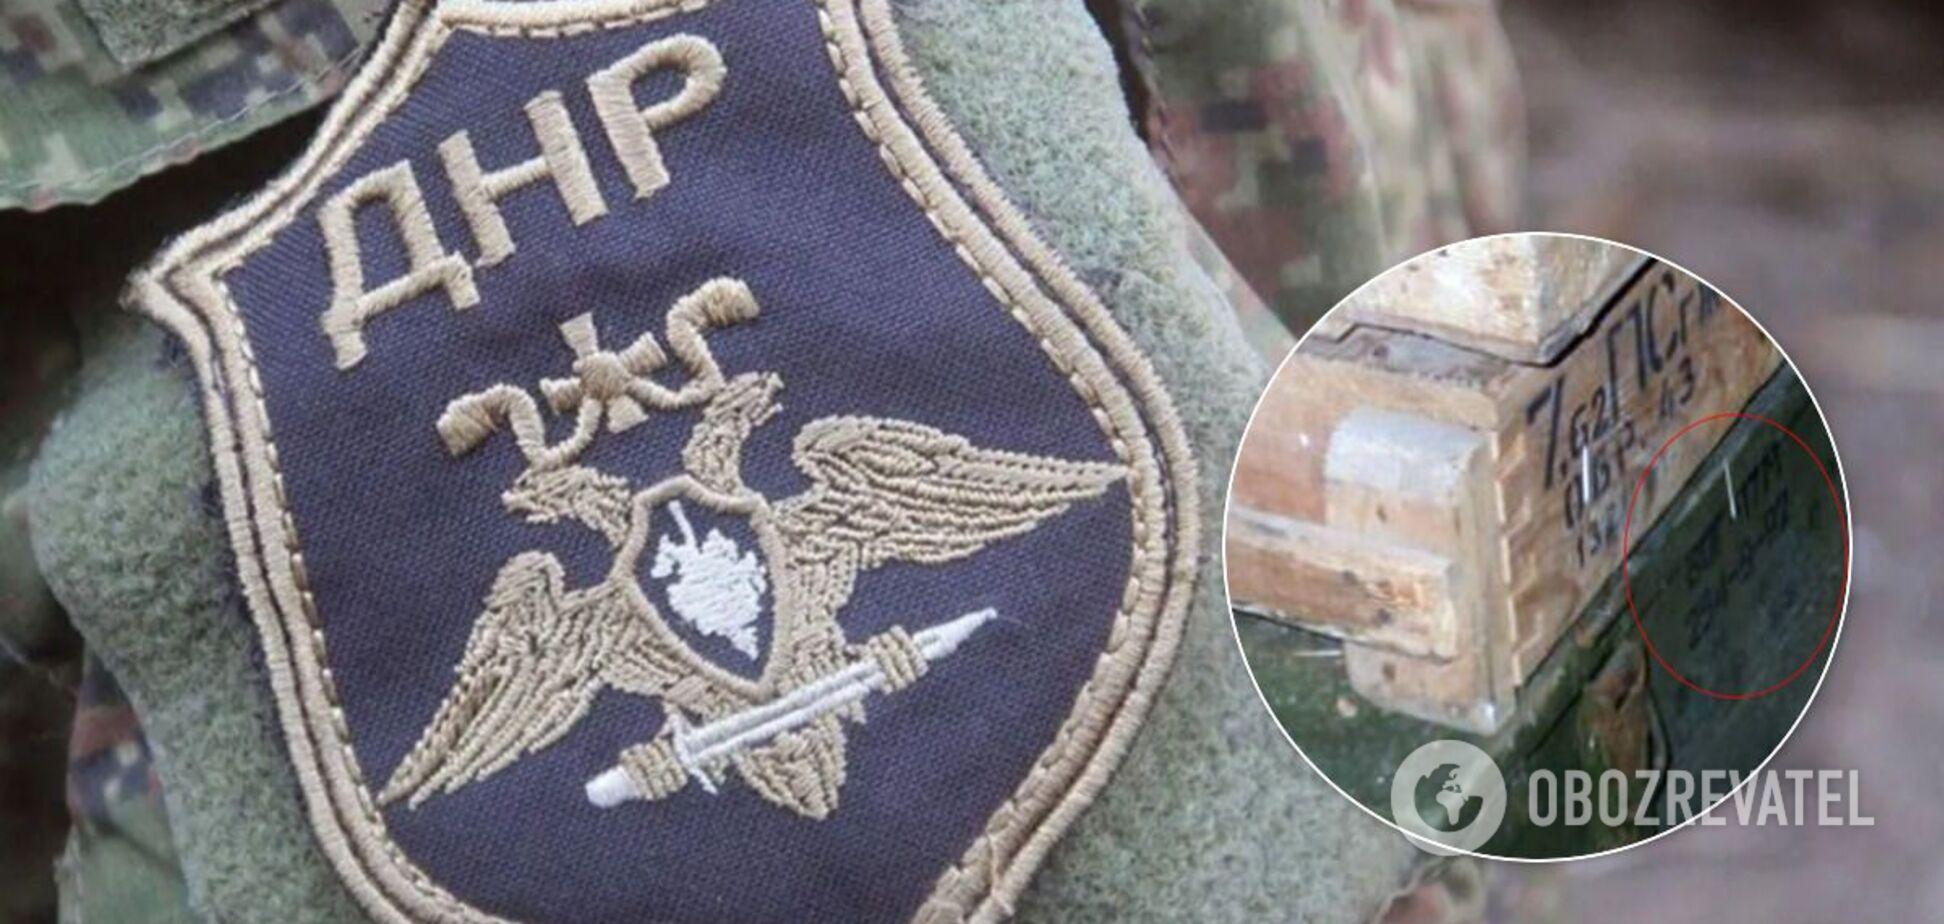 Терористи на Донбасі попалися на використанні зброї РФ